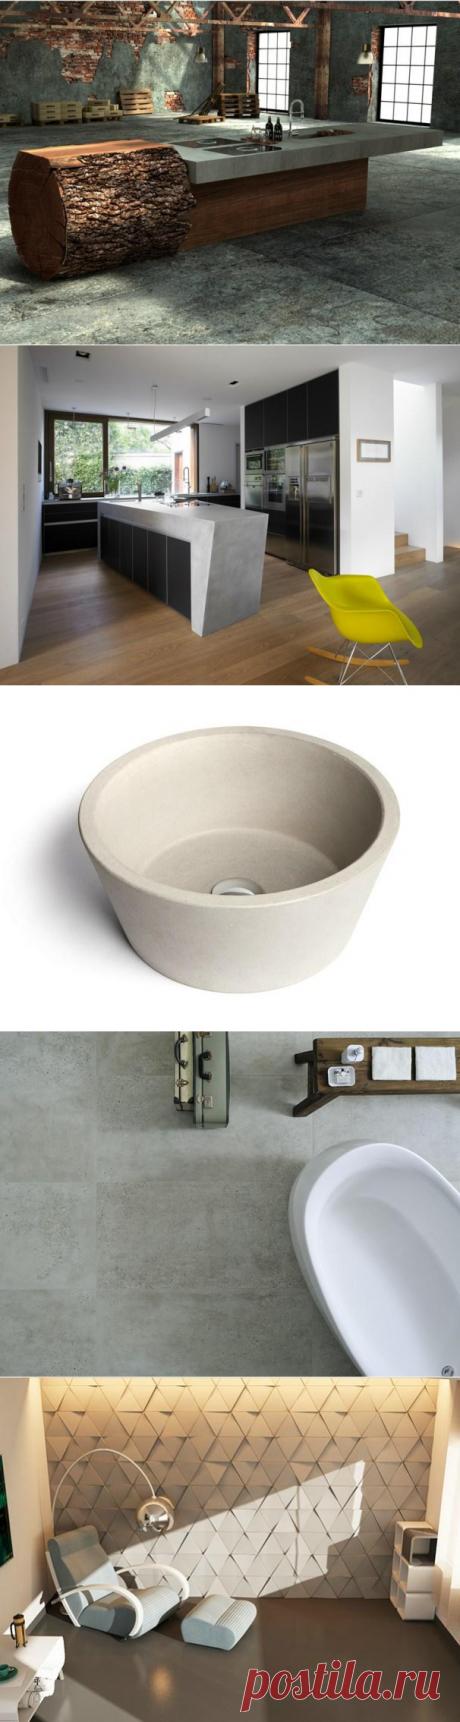 Бетон в современном дизайне интерьера